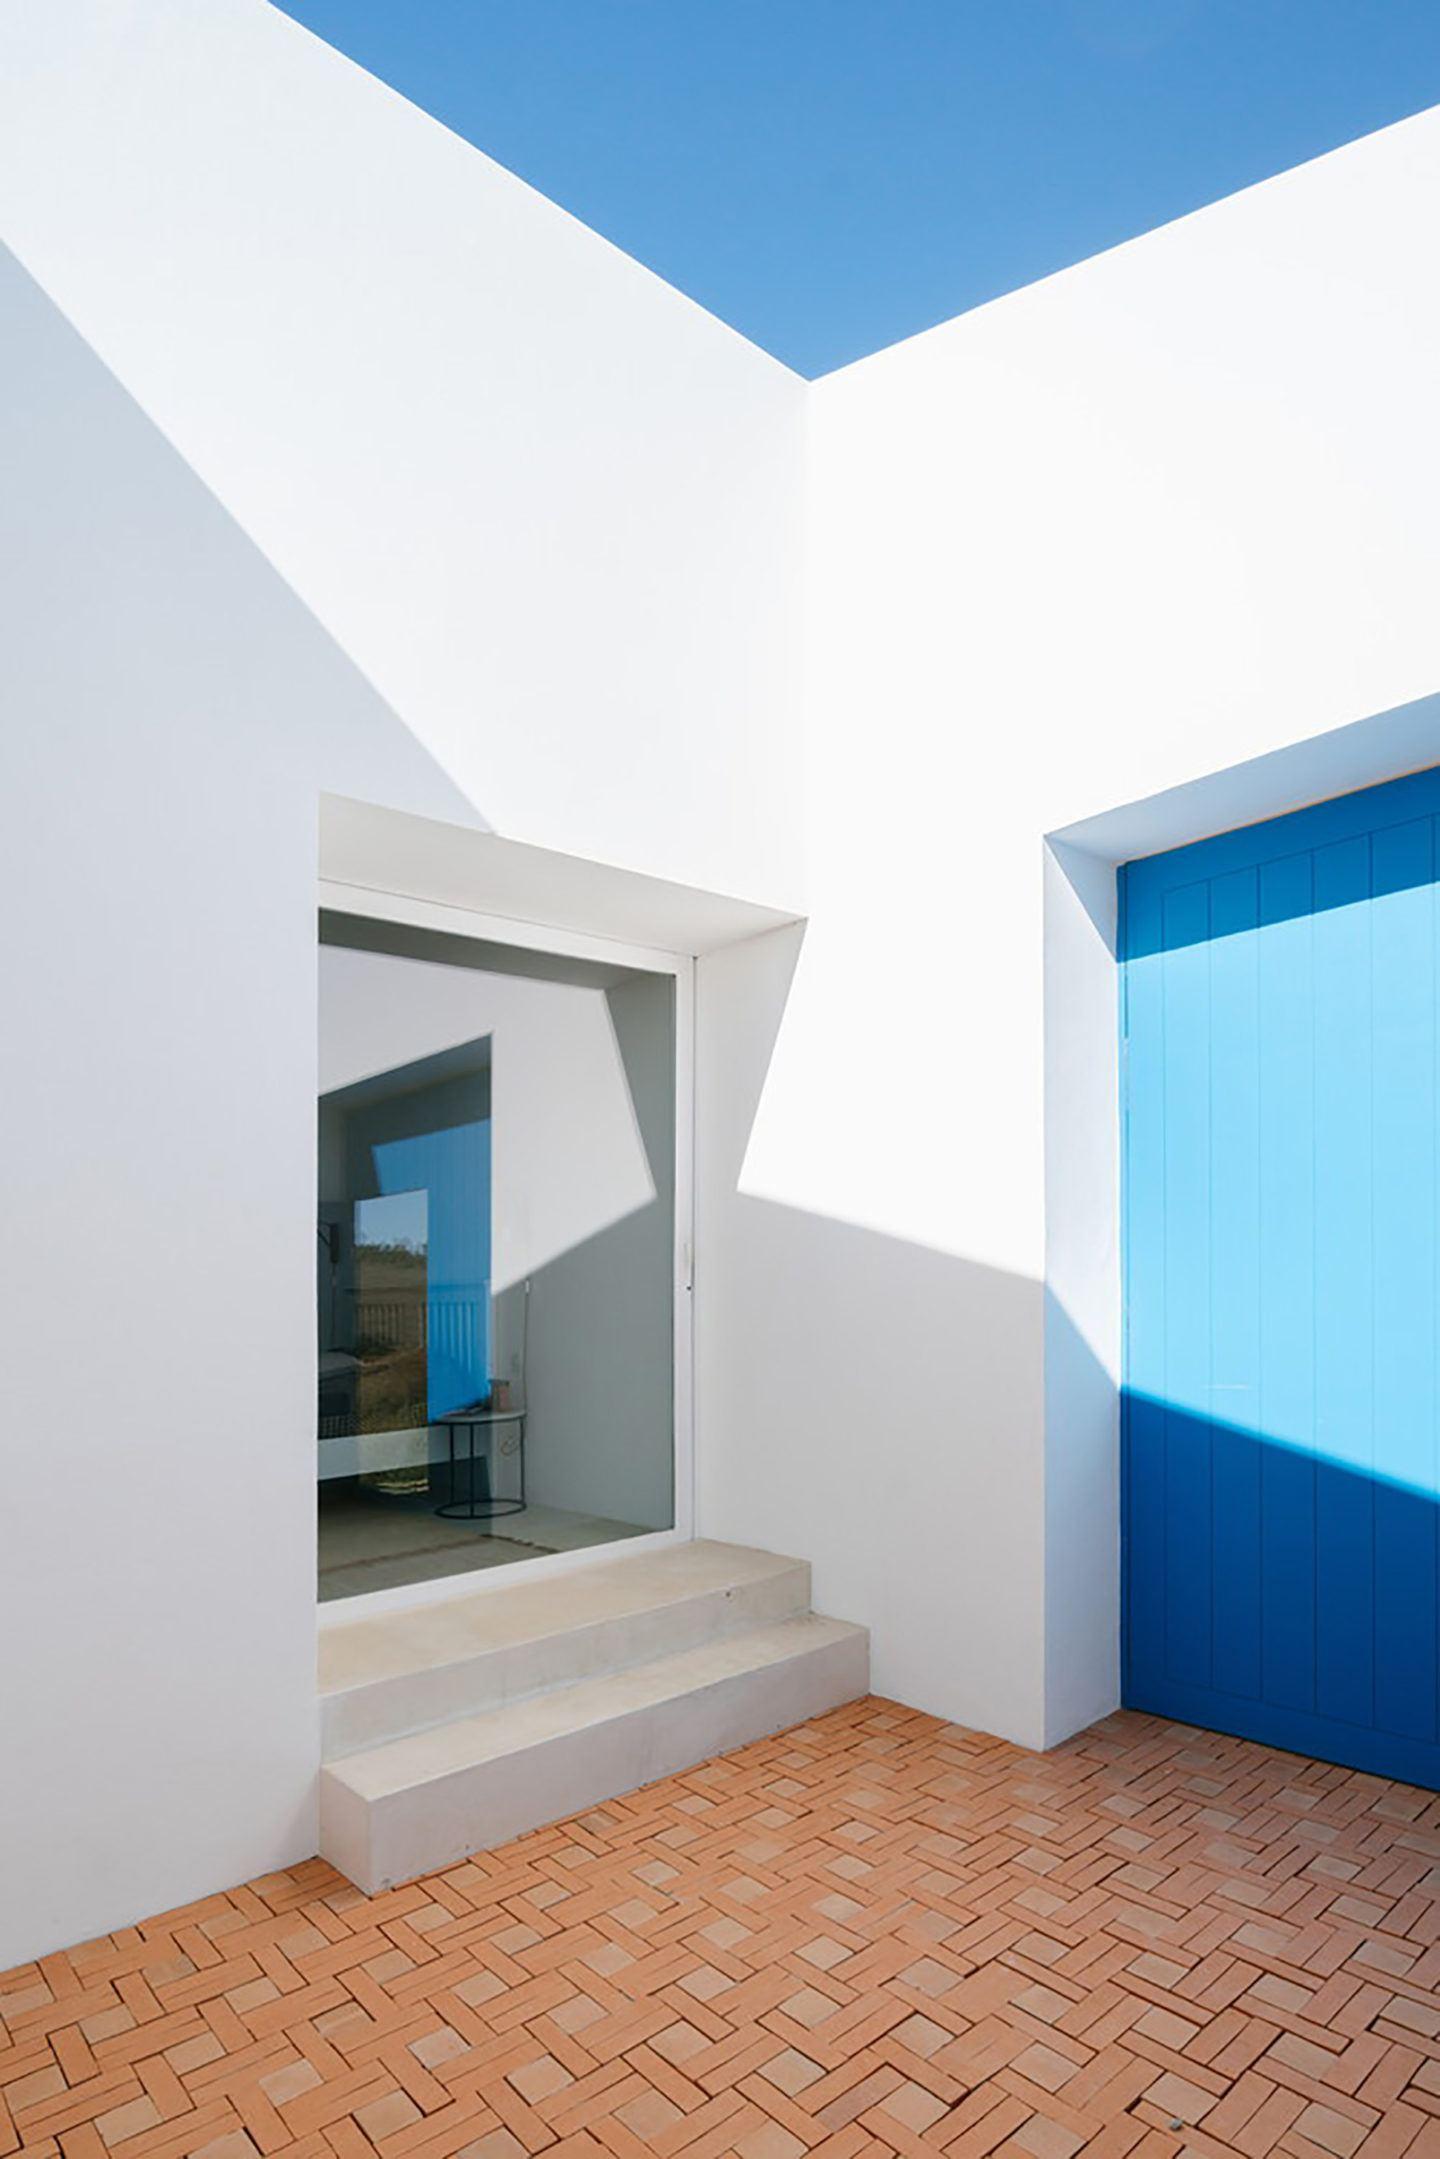 IGNANT-Architecture-Atelier-Data-Cercal-11